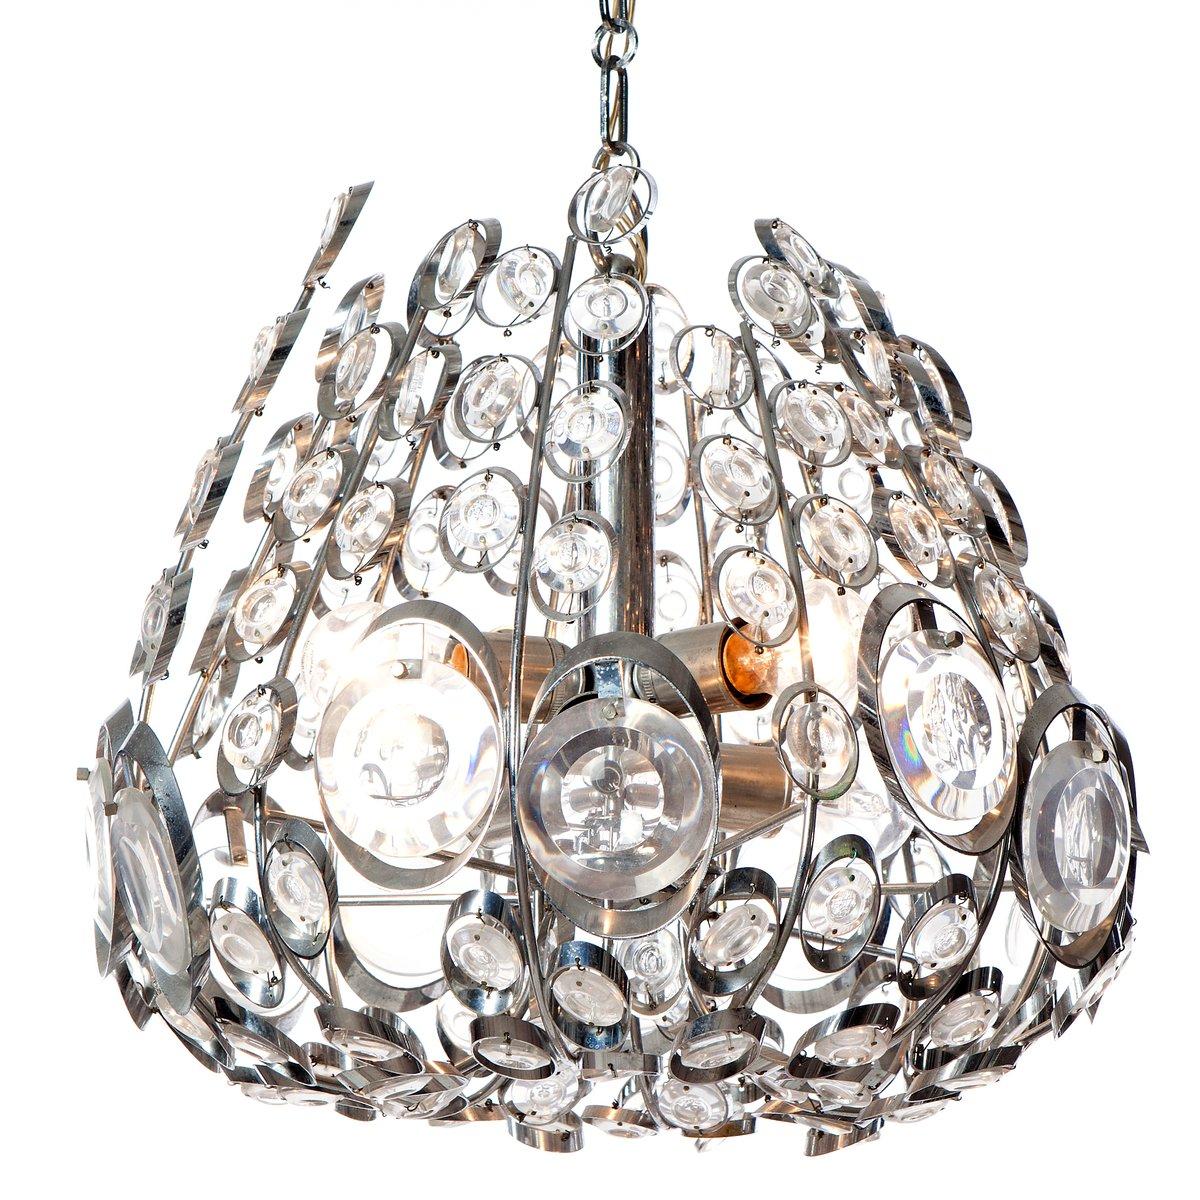 Vintage Kronleuchter aus Verchromtem Stahl & Glas mit Sechs Leuchten v...